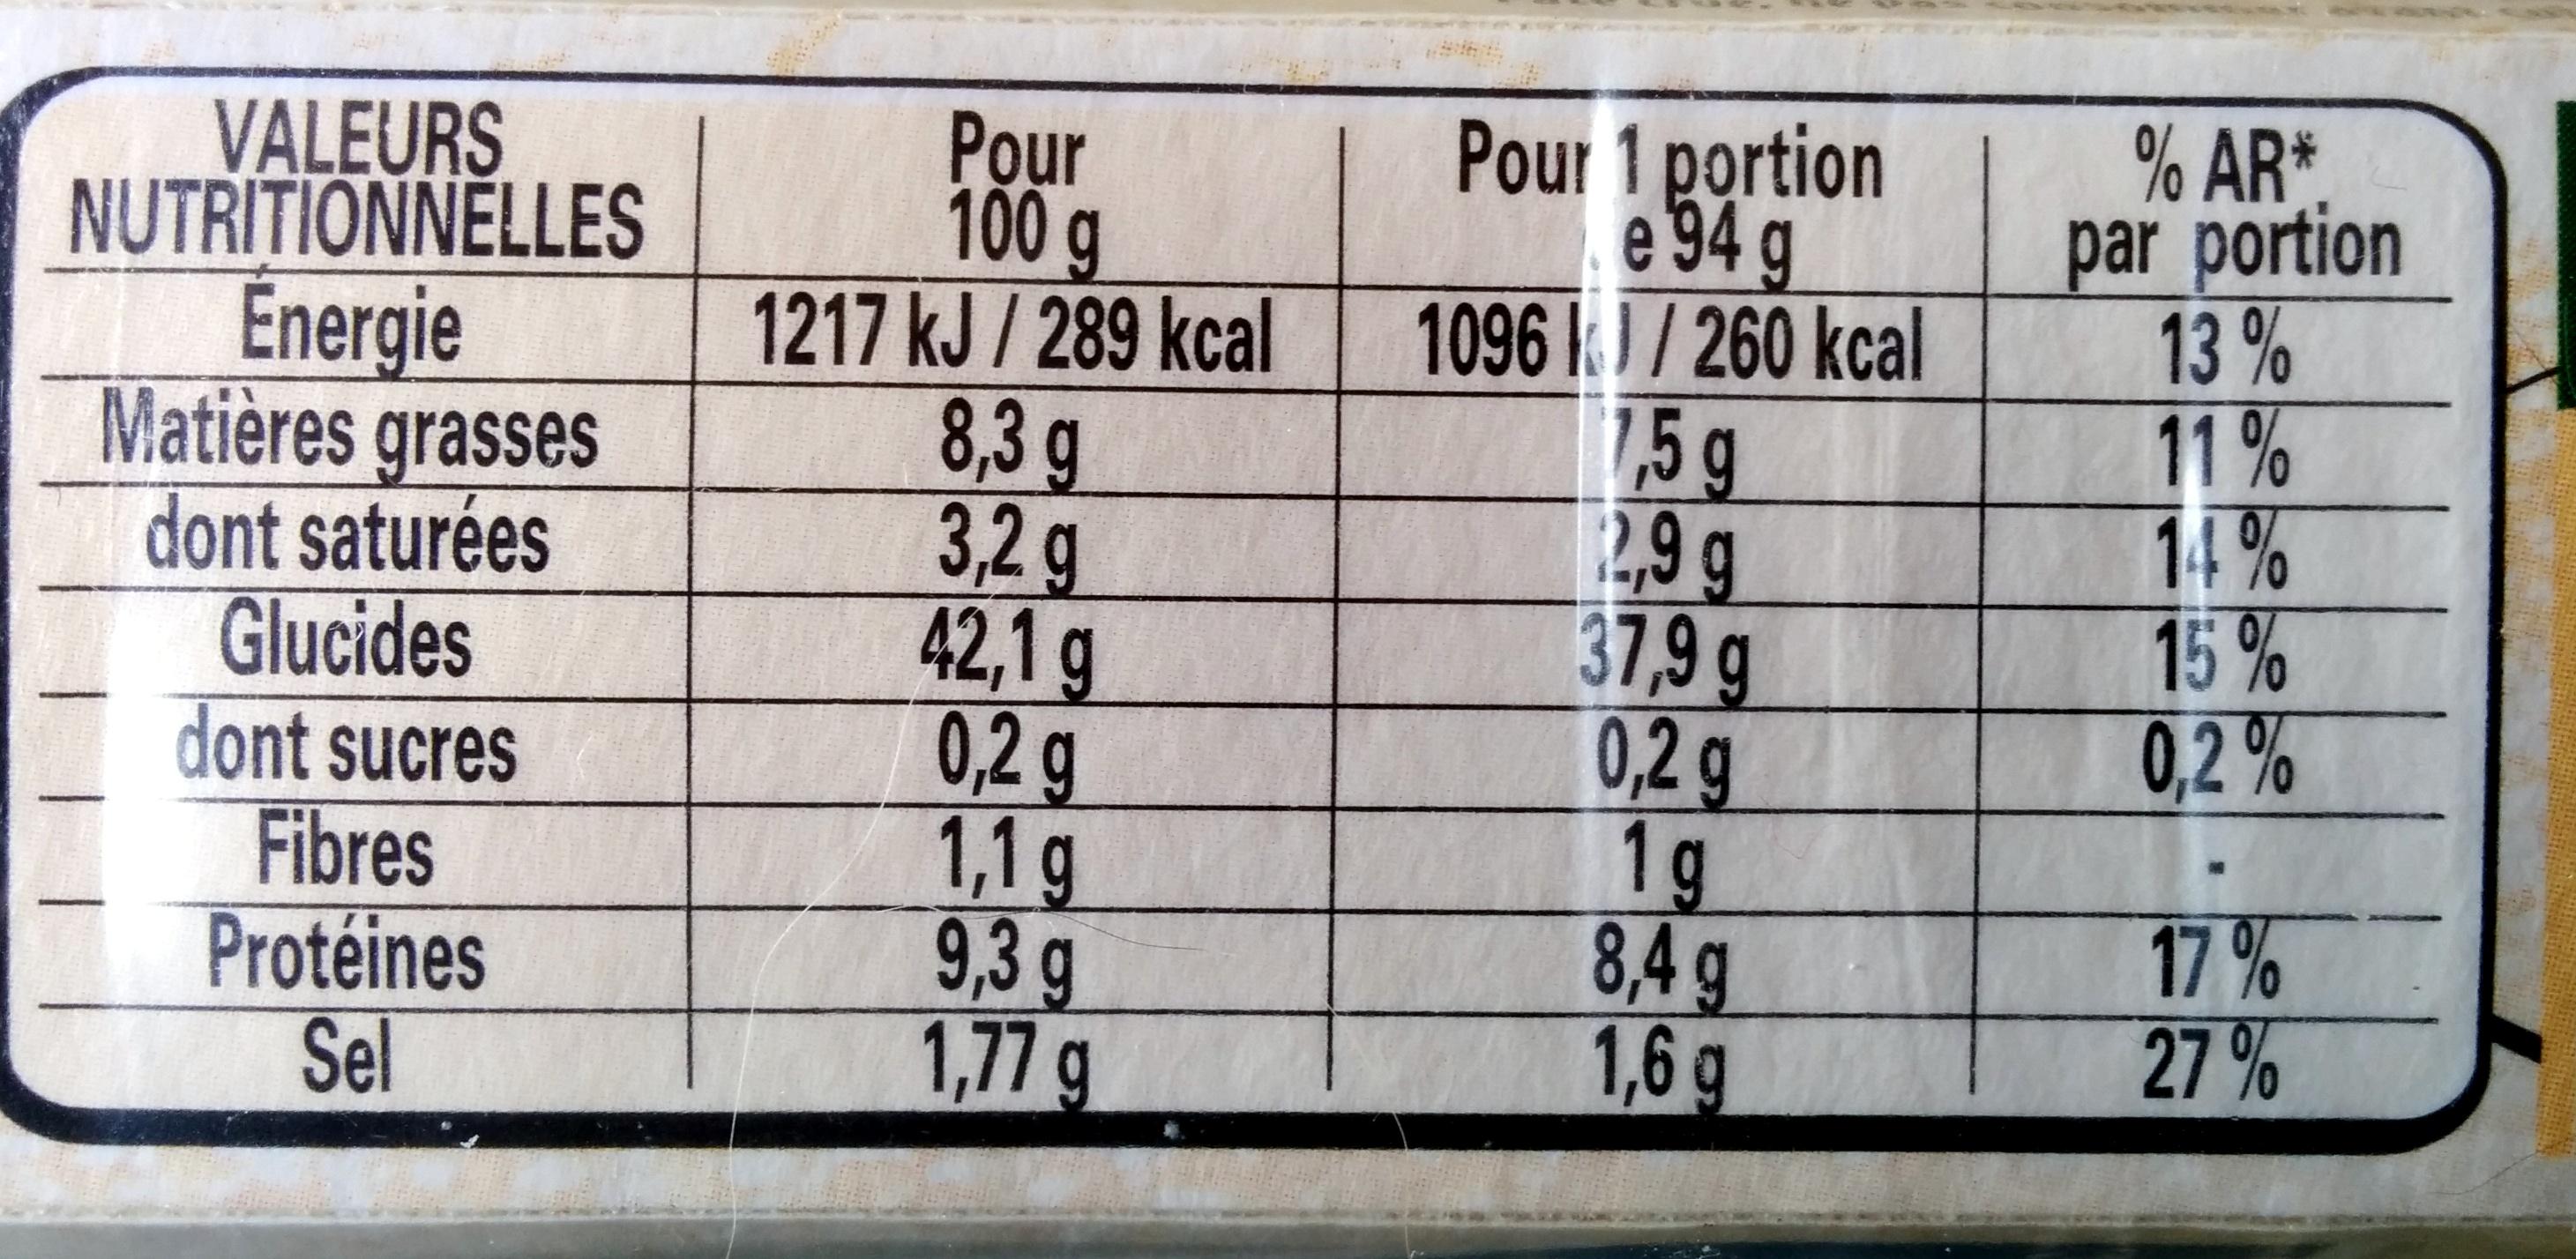 Pâte à pizza Epaisse et Ronde - Informations nutritionnelles - fr